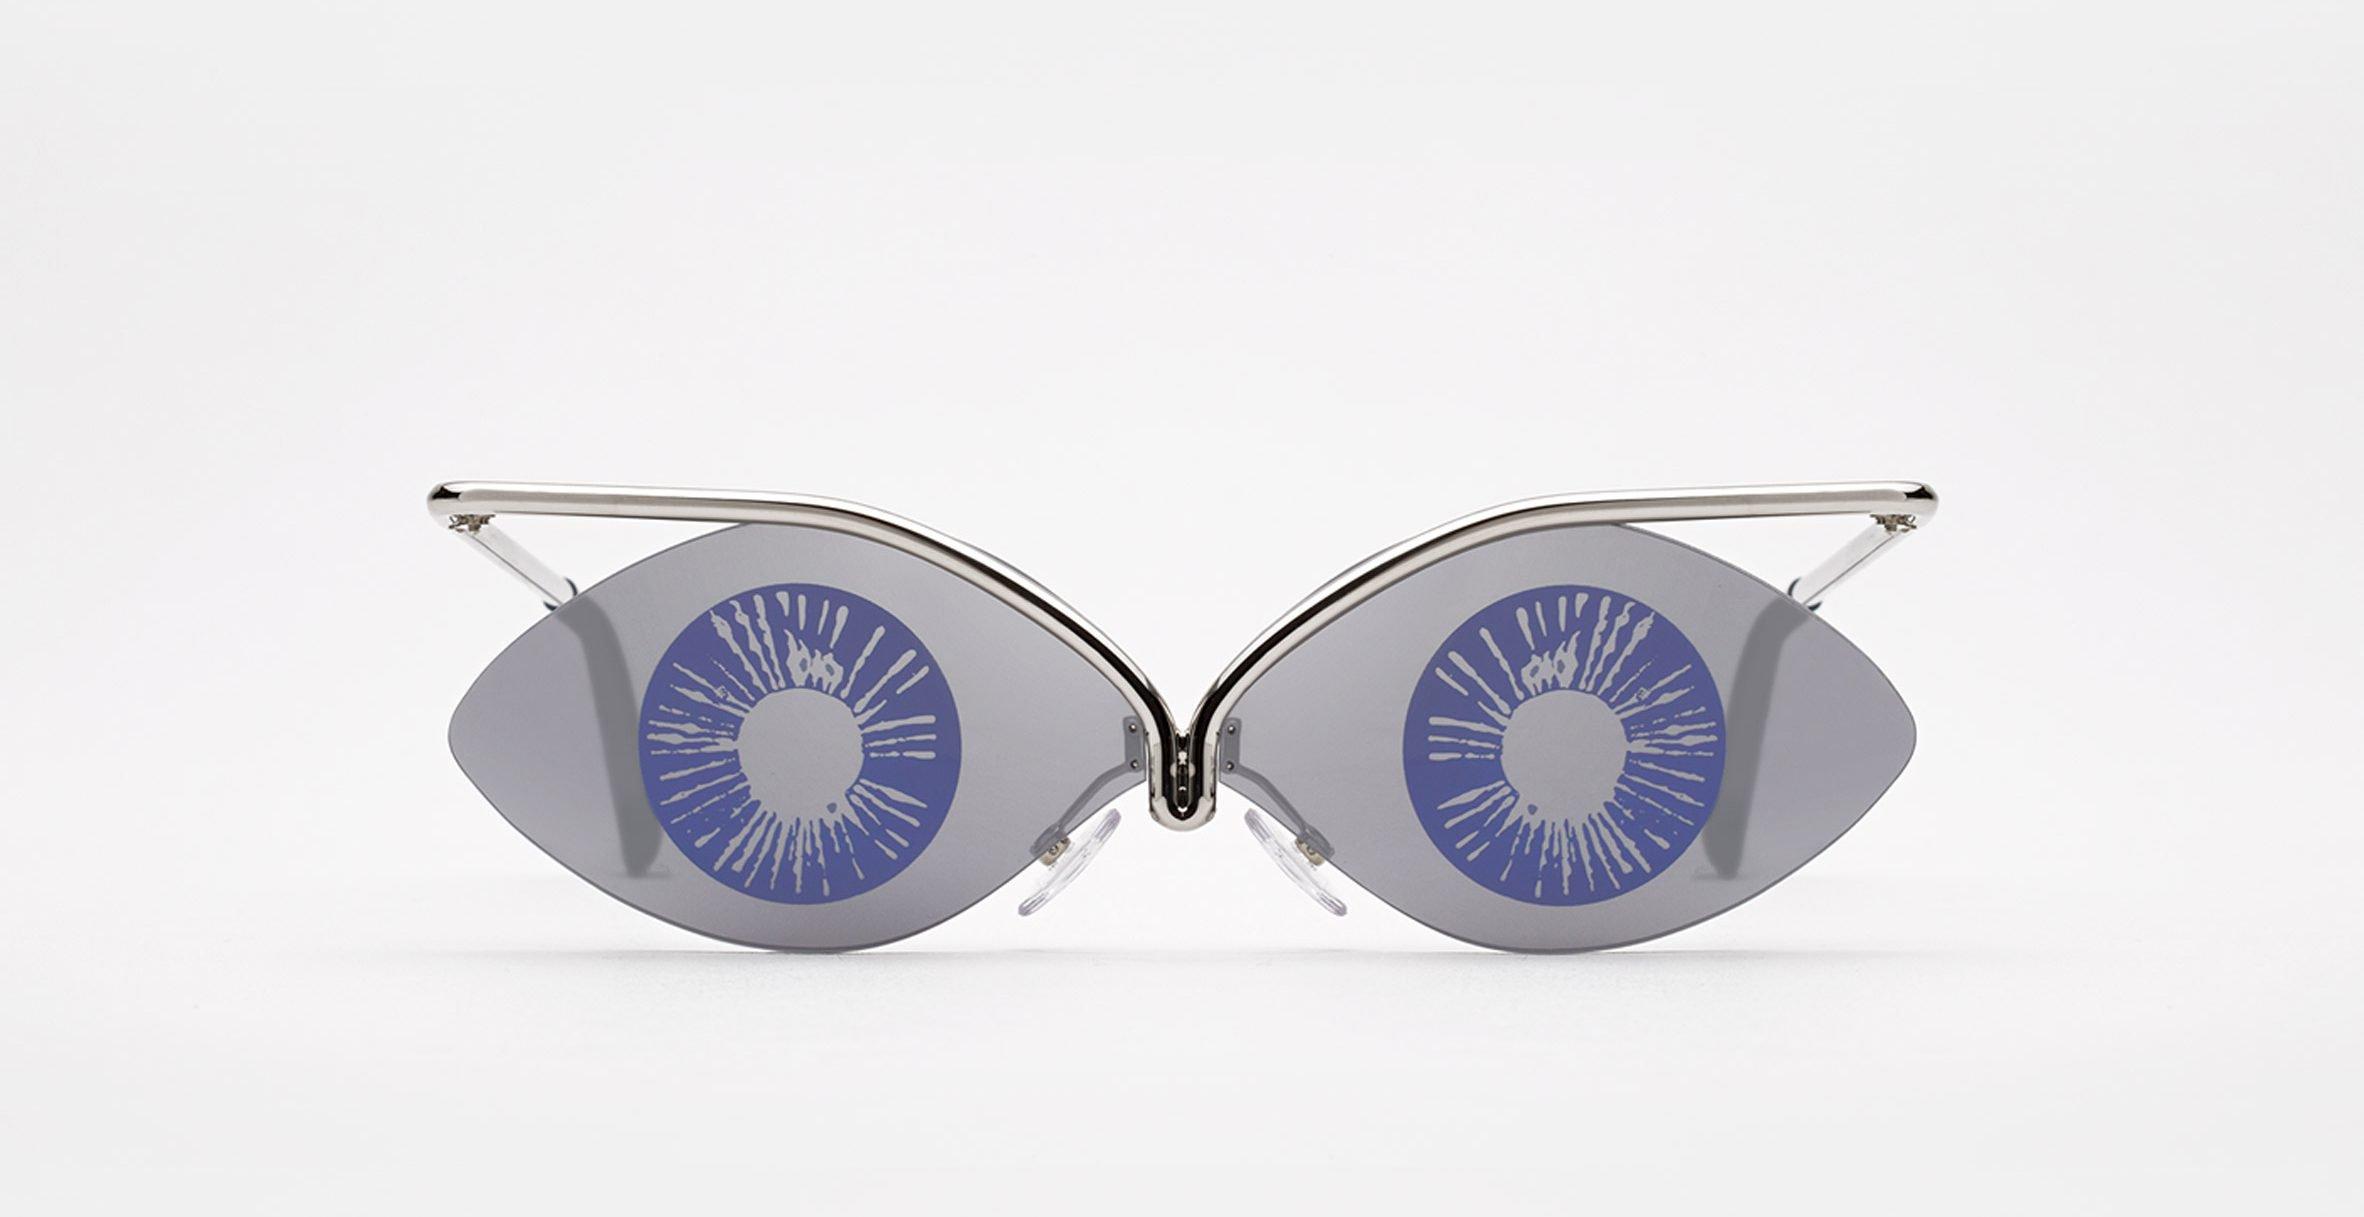 6b7c1b9971ea Futurystyczna kolekcja okularów przeciwsłonecznych wygląda tak